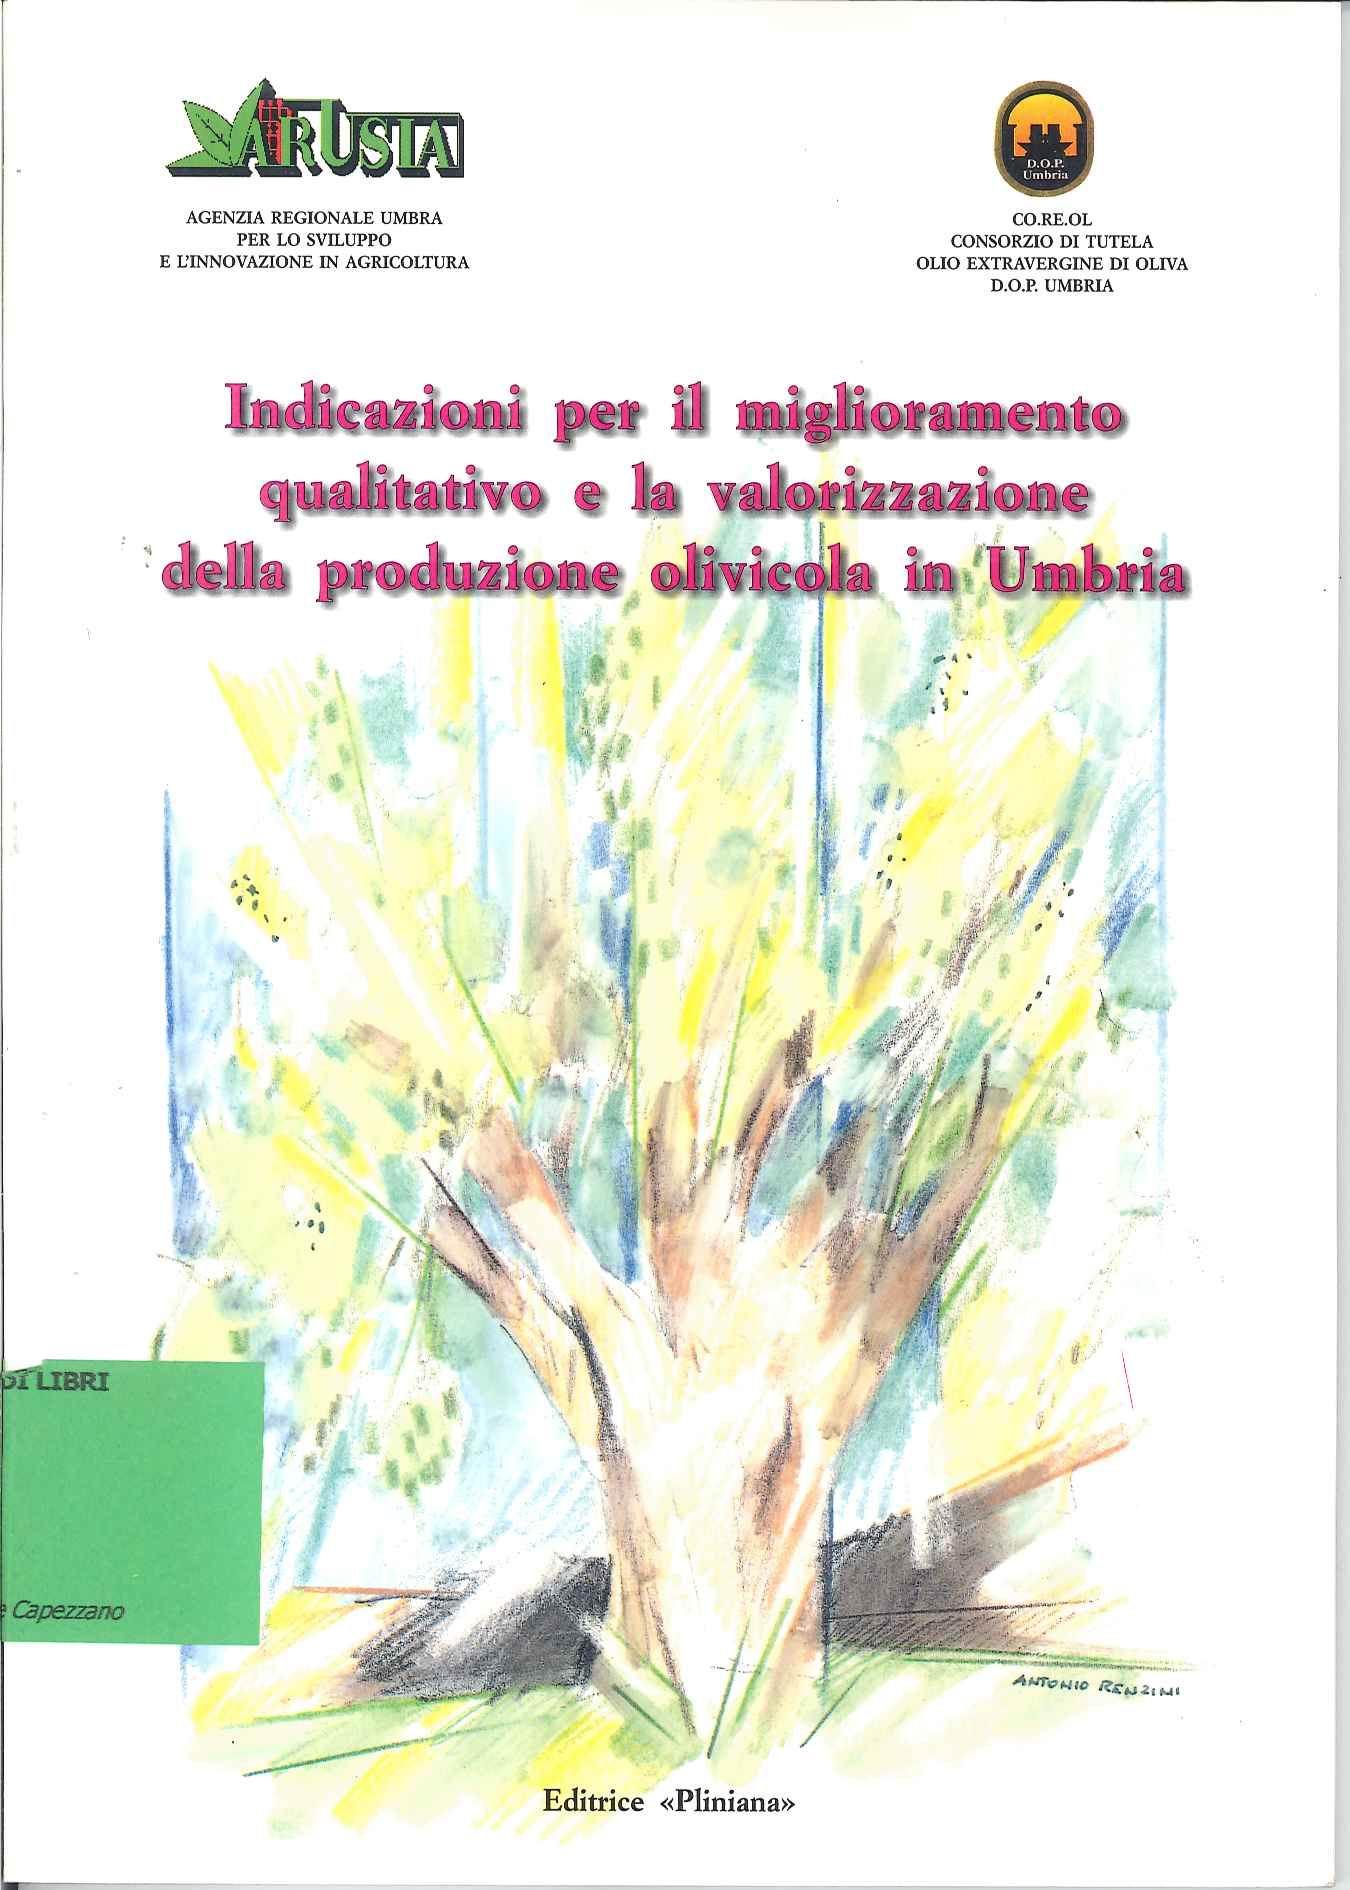 Indicazioni per il miglioramento qualitativo e la valorizzazione della produzione olivicola in Umbria